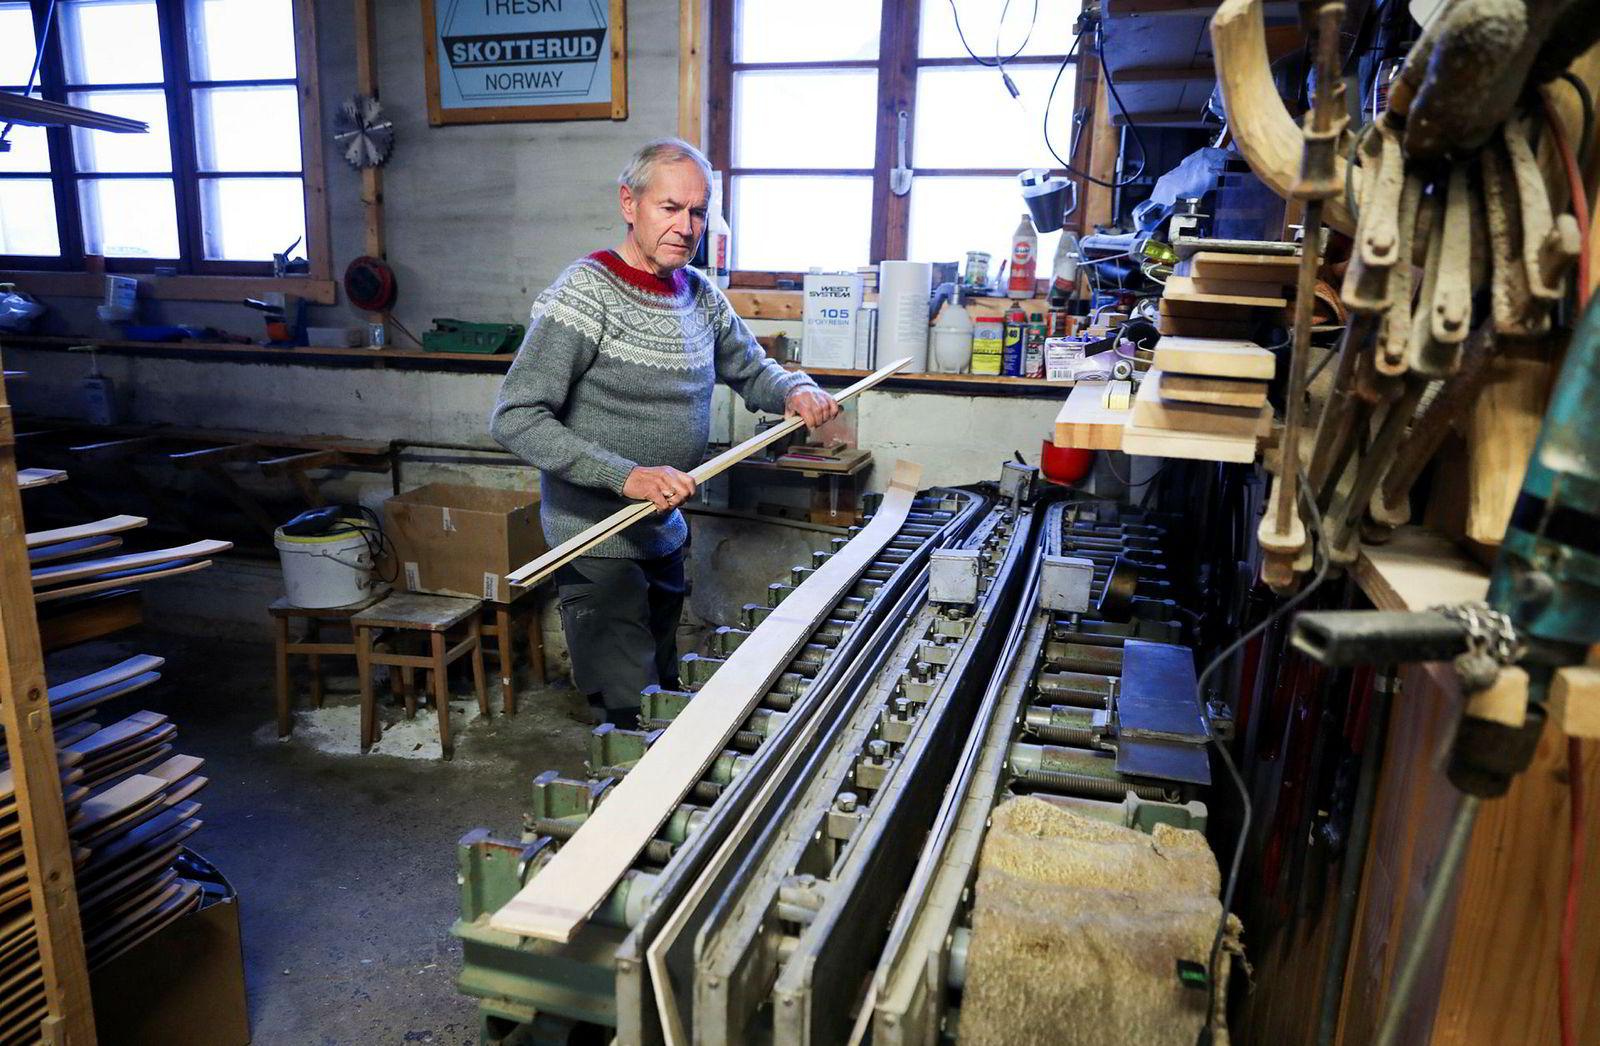 Ulf Rønning tråkker opp oljetrykket i den hydrauliske skipressen som ble kjøpt inn midt på 60-tallet. Den er fortsatt en viktig del av prosessen og har bare fått byttet noen pakninger og hydraulikkolje i løpet av alle disse årene. – Det er jo det eneste spesielle utstyret vi har, ellers er det vanlig snekkerutstyr, sier sønnen Jonas Rønning.